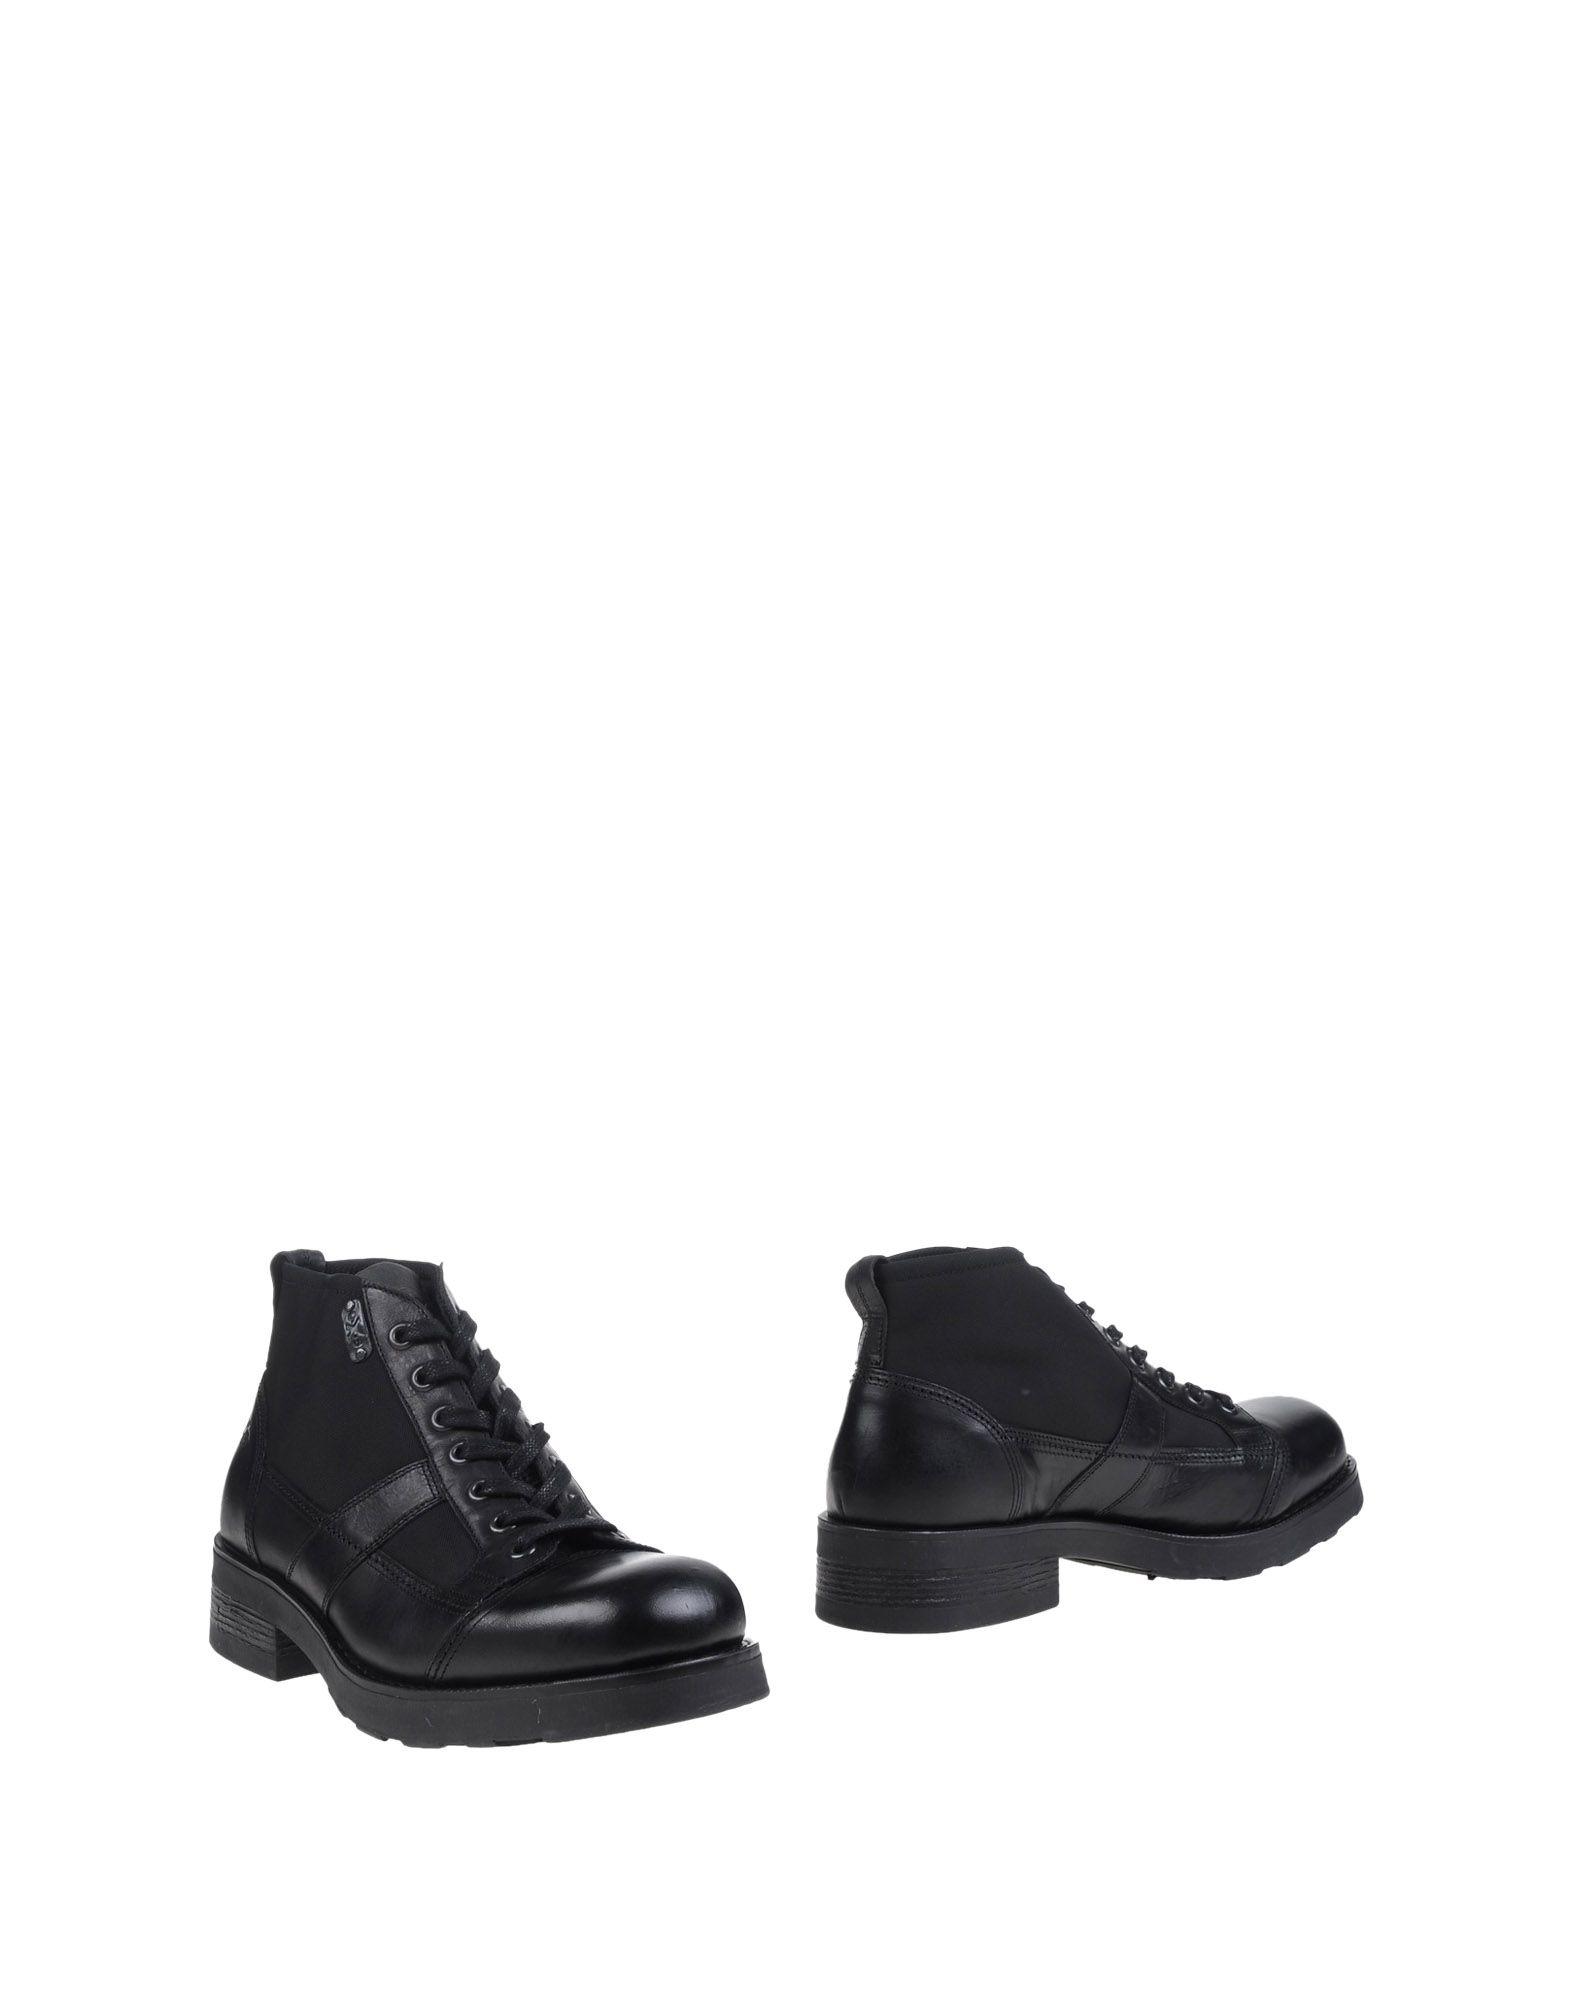 O.X.S. メンズ ショートブーツ ブラック 41 革 / 紡績繊維